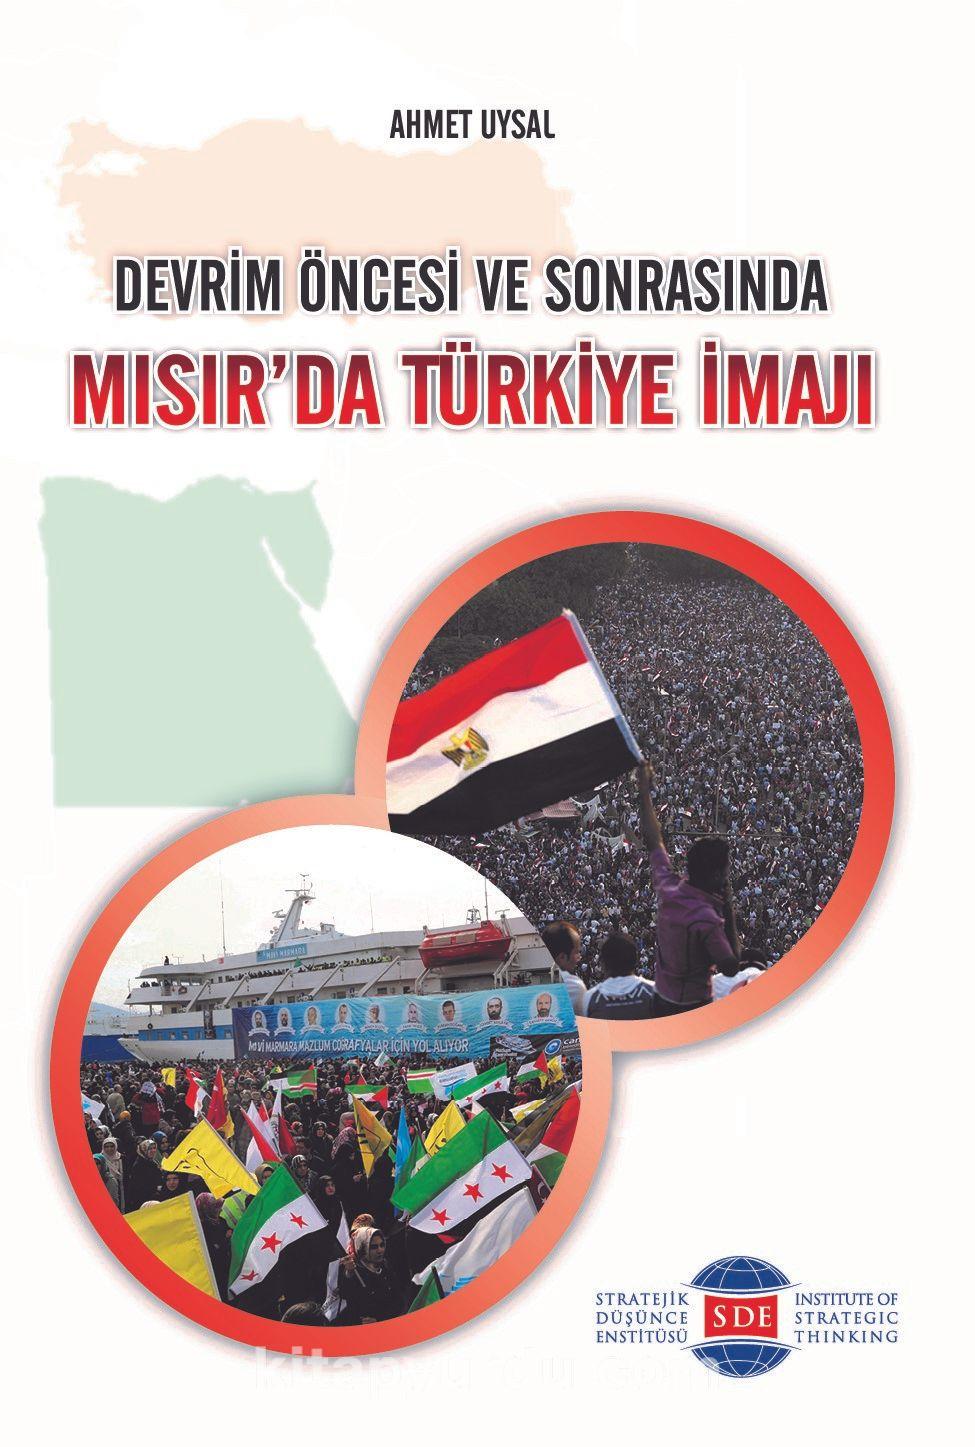 Devrim Öncesi ve Sonrasında Mısır'da Türkiye İmajı